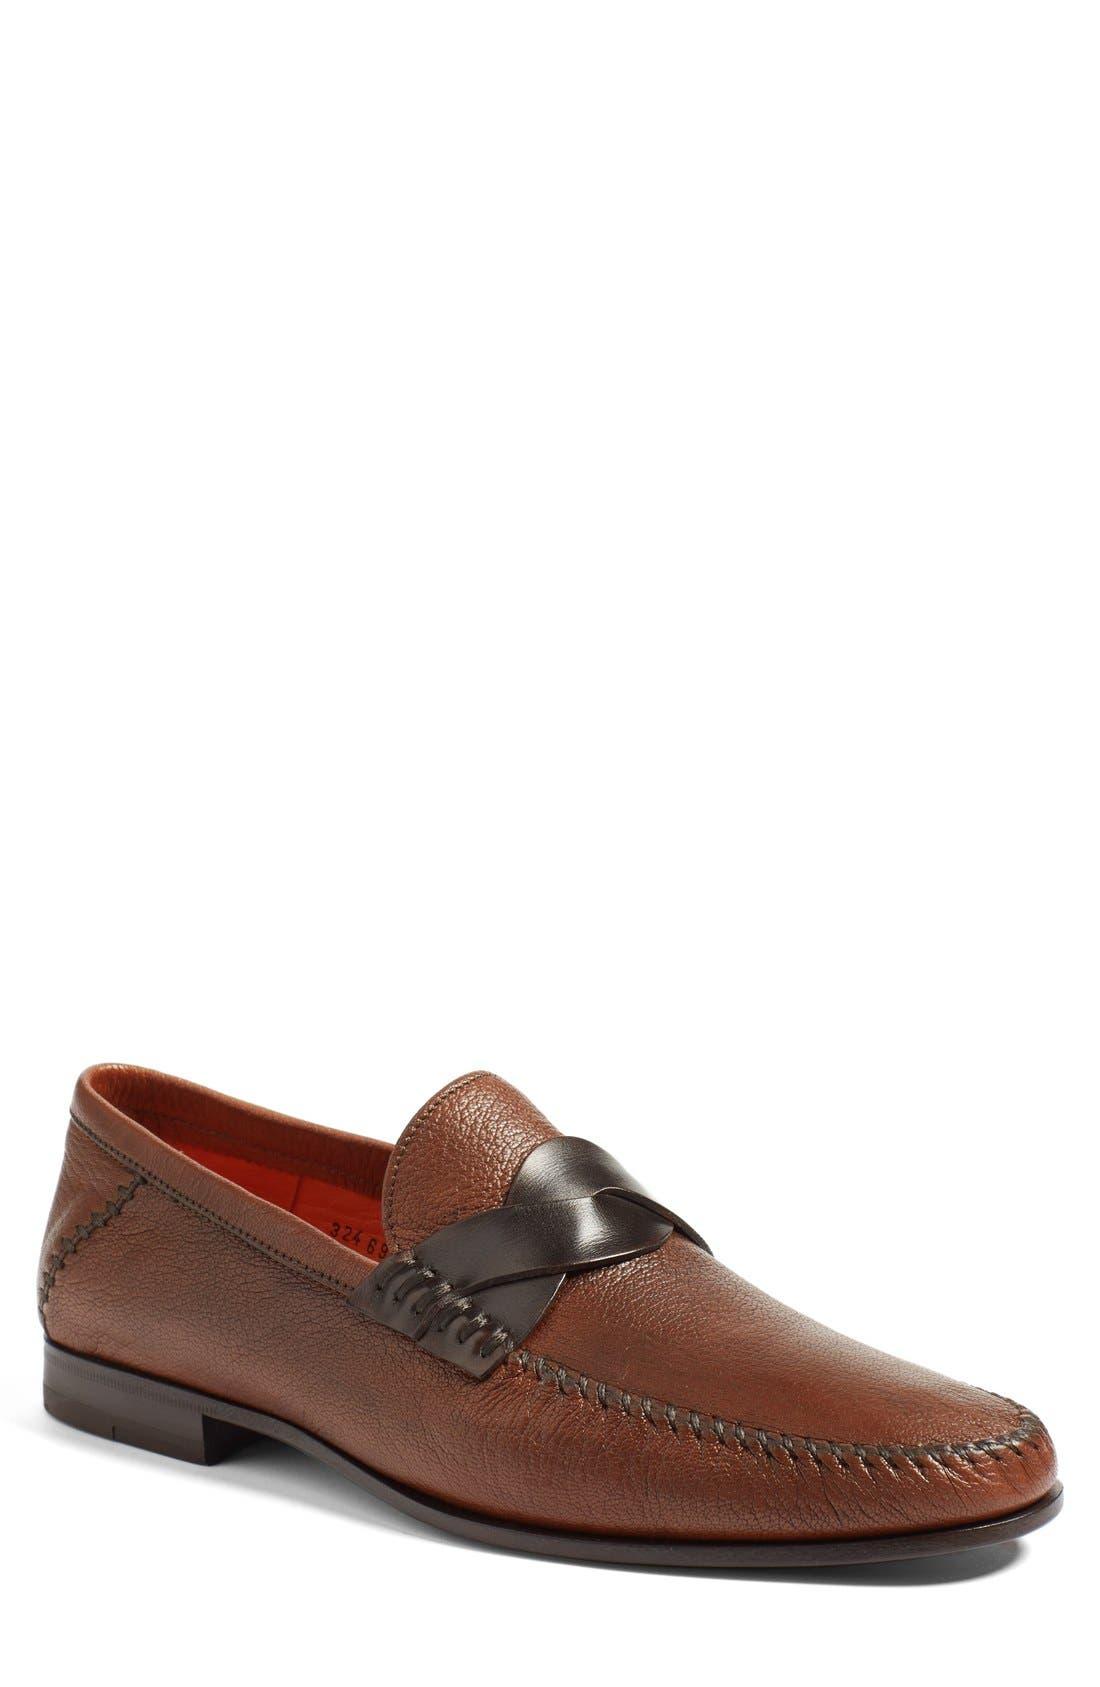 santoni Intervowen style loafers anSnDY